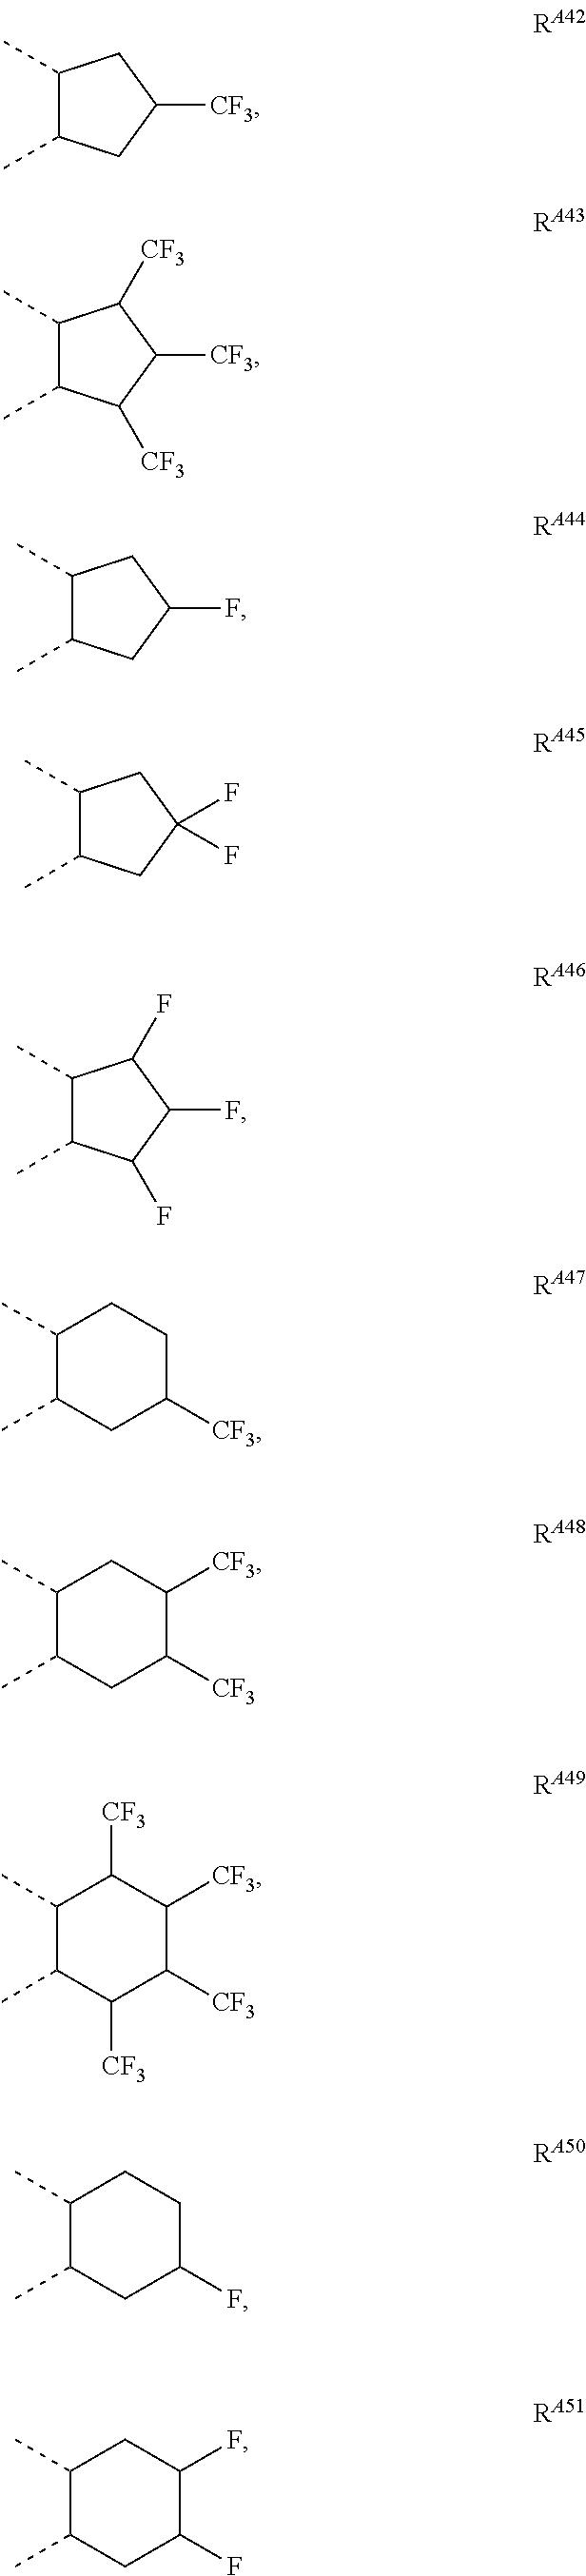 Figure US09859510-20180102-C00013